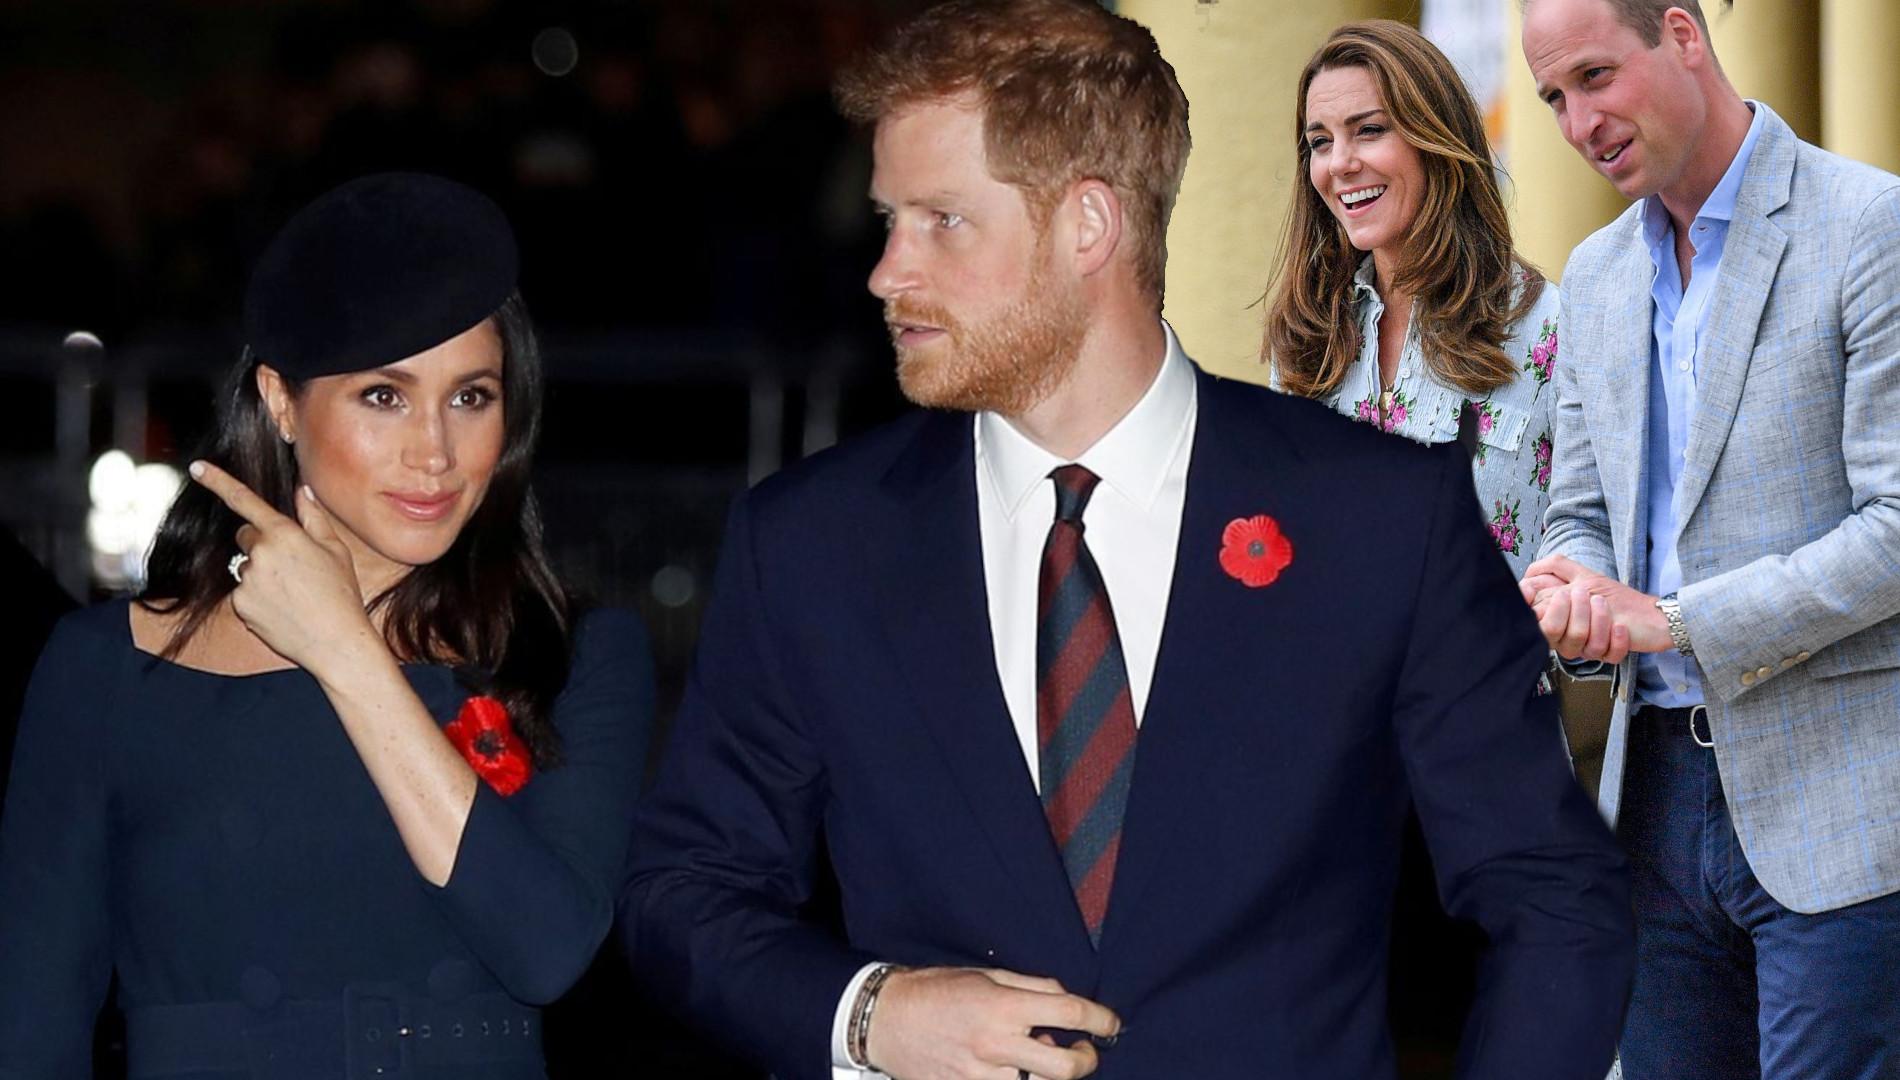 Meghan i Harry ZADZWONILI do fanki, która obrażała rodzinę królewską. PODZIĘKOWALI jej za wsparcie